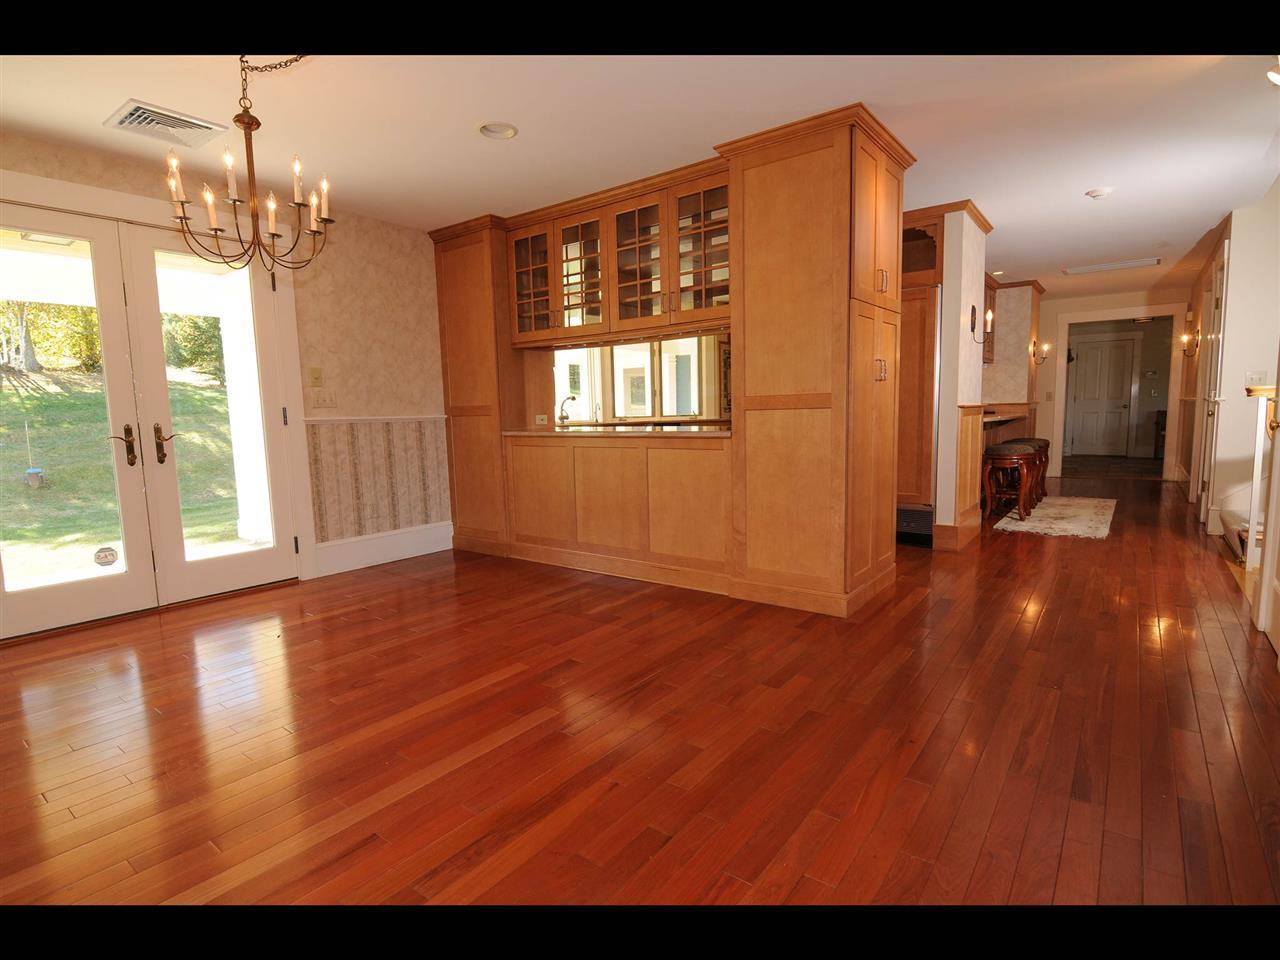 Dining room 11319836